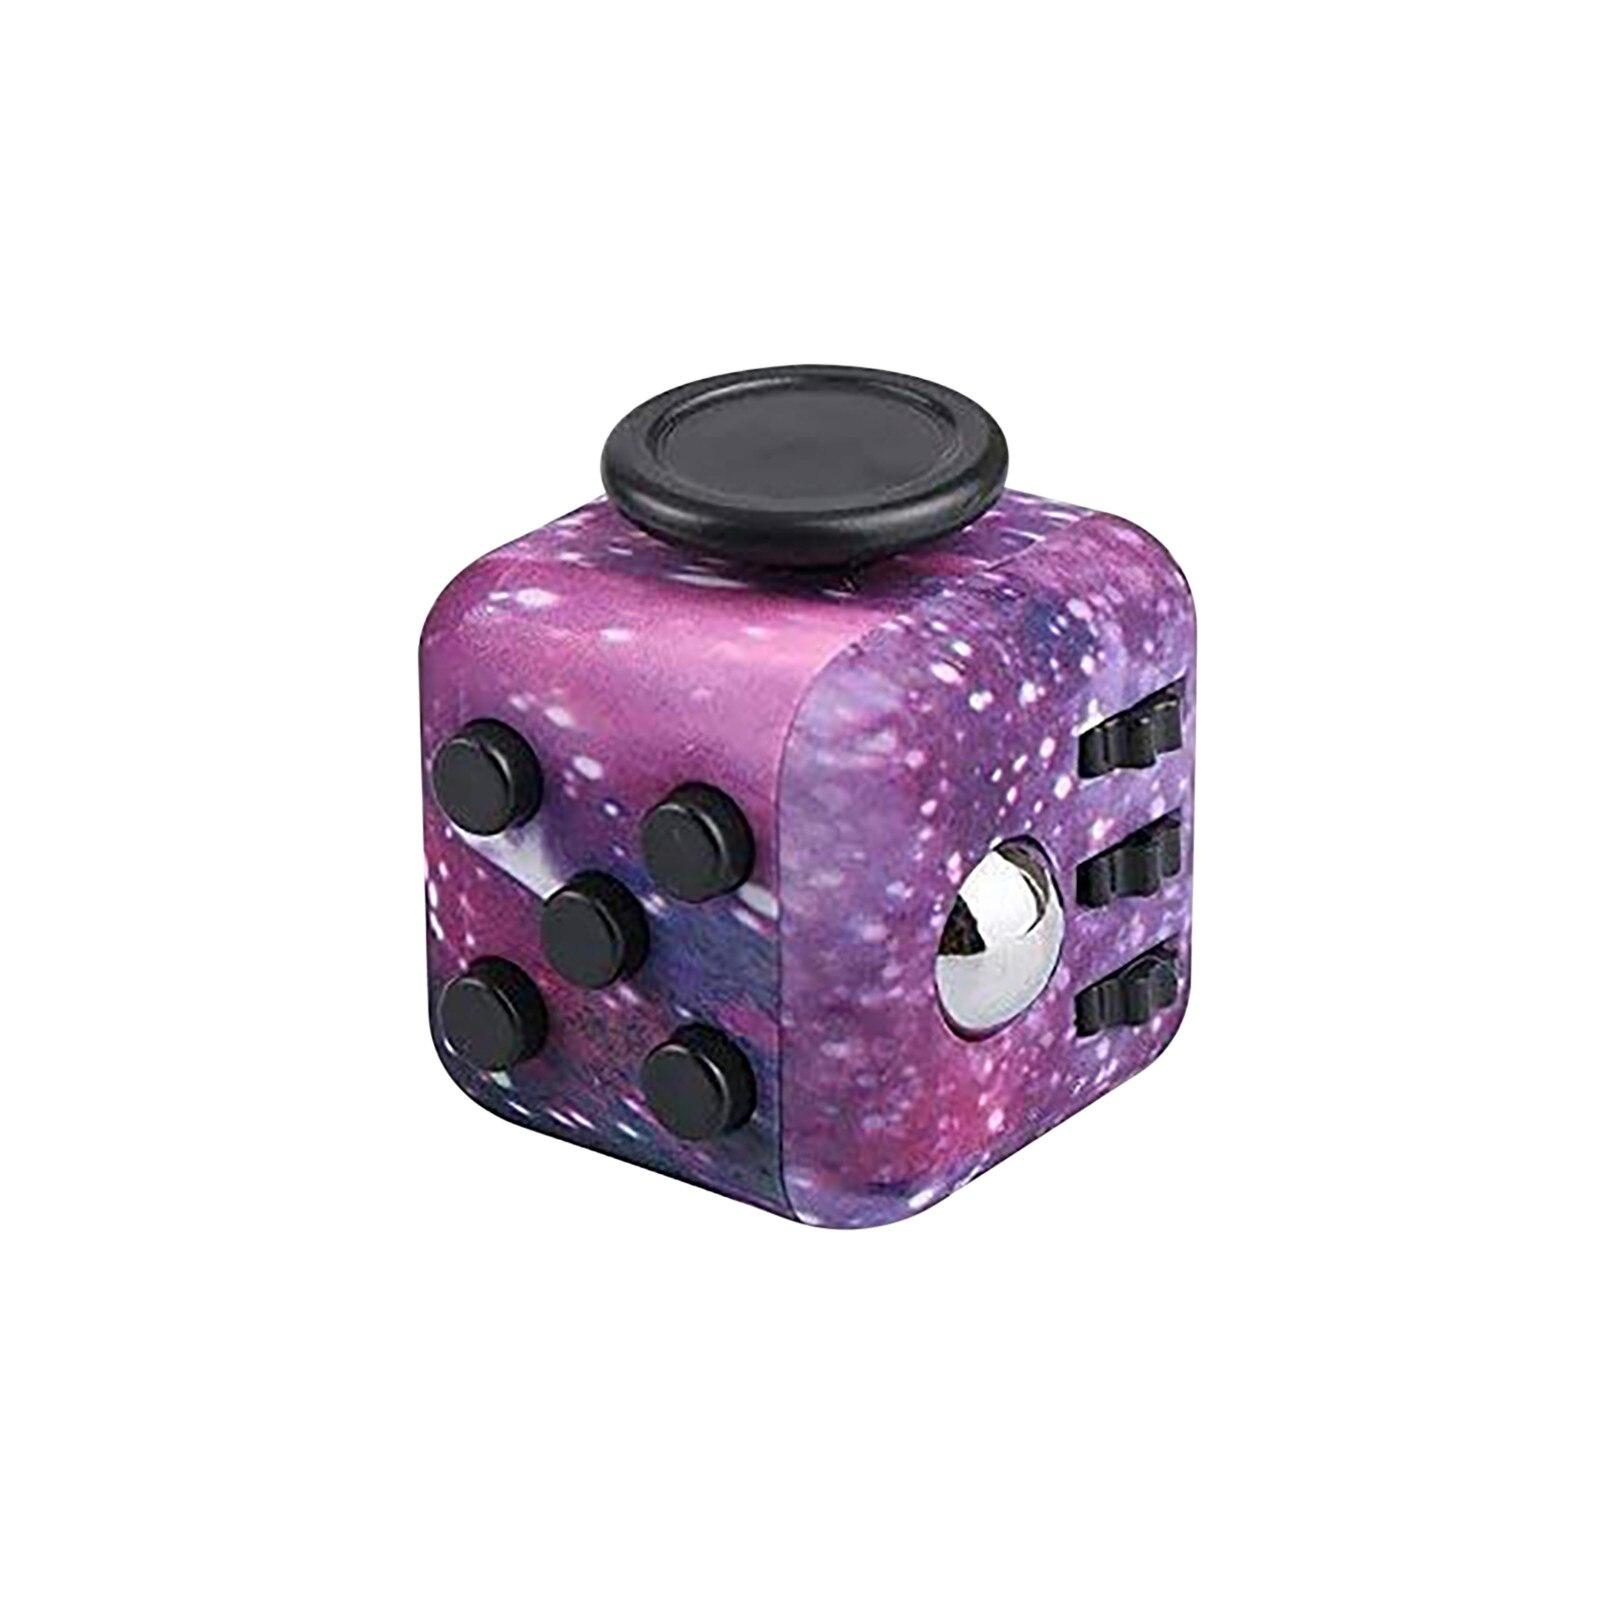 Беспокойство, игрушка для снятия стресса, внимание декомпрессии фокус Непоседа игровая игрушечные кубики для детей и взрослых подарки сним...